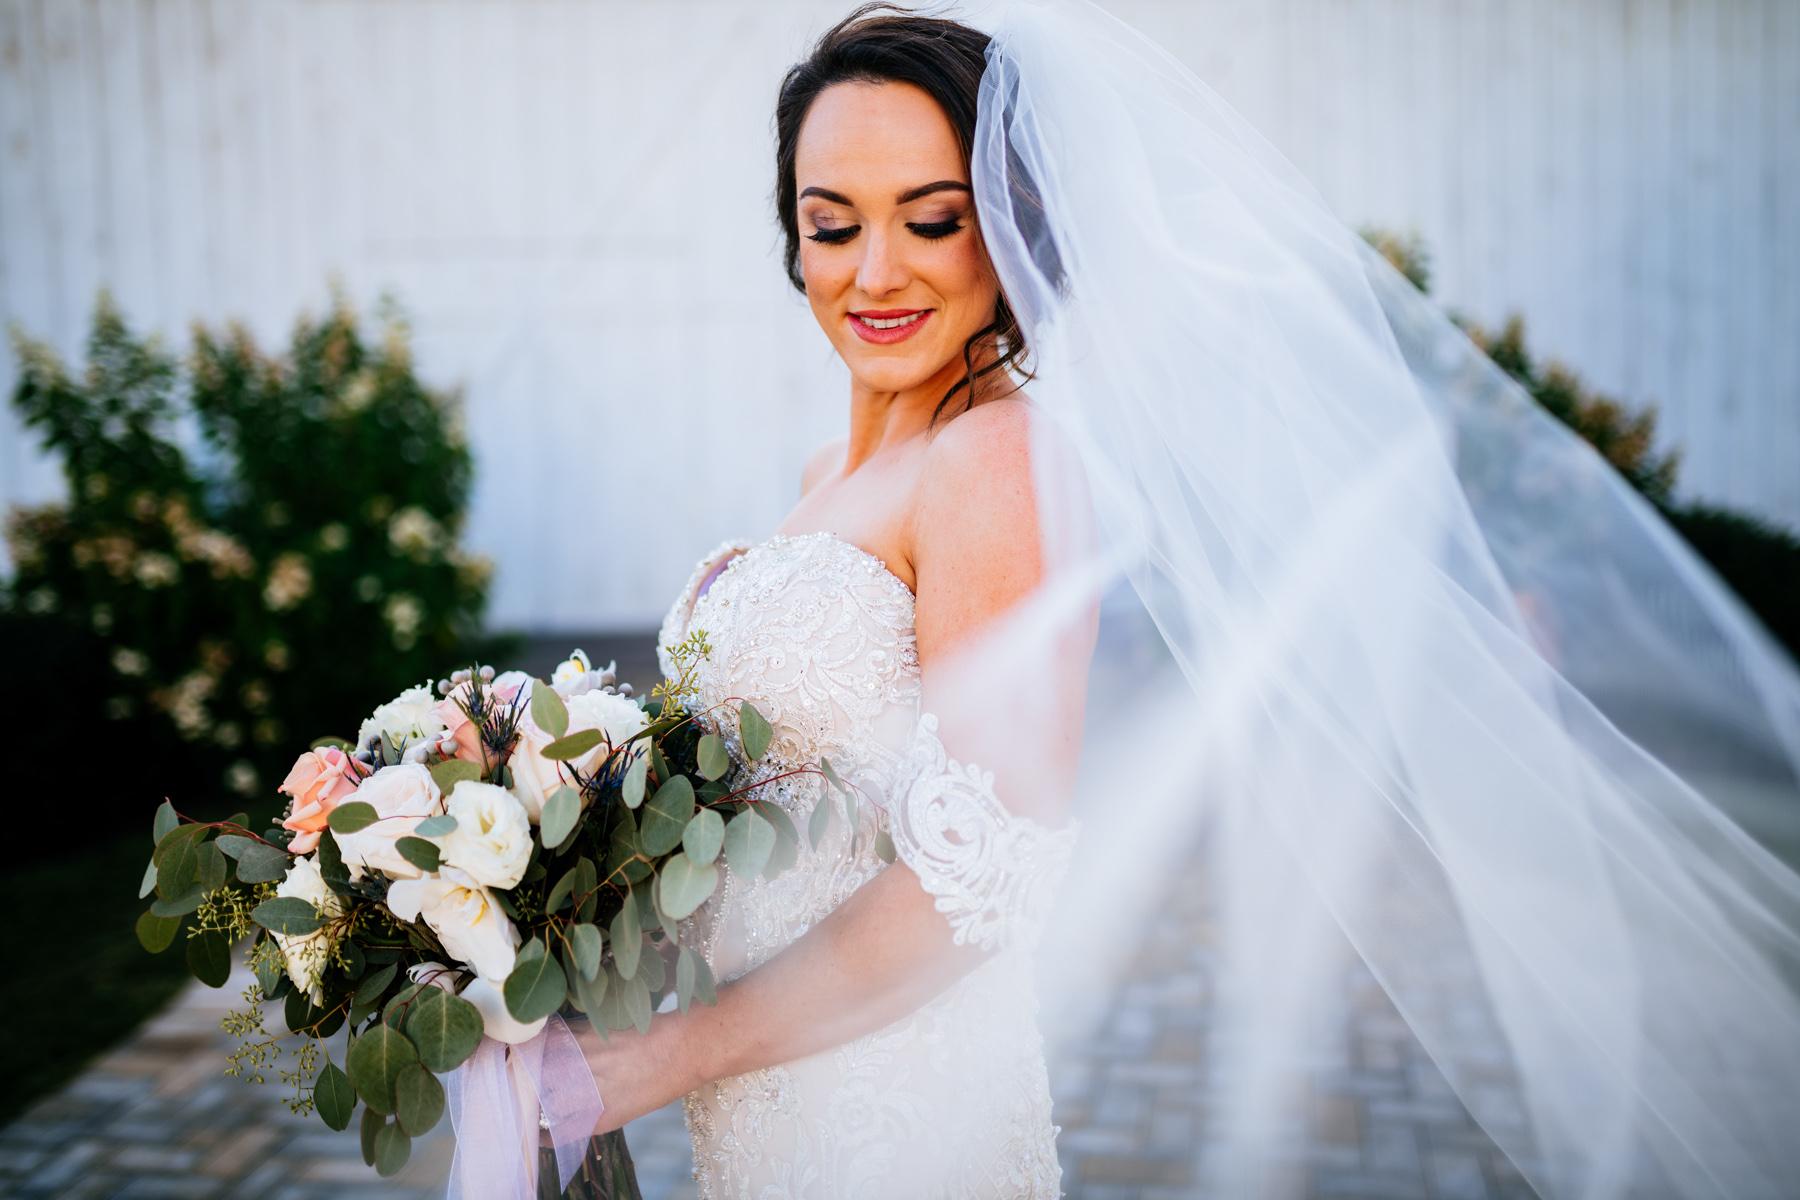 bridal portrait with flowing veil